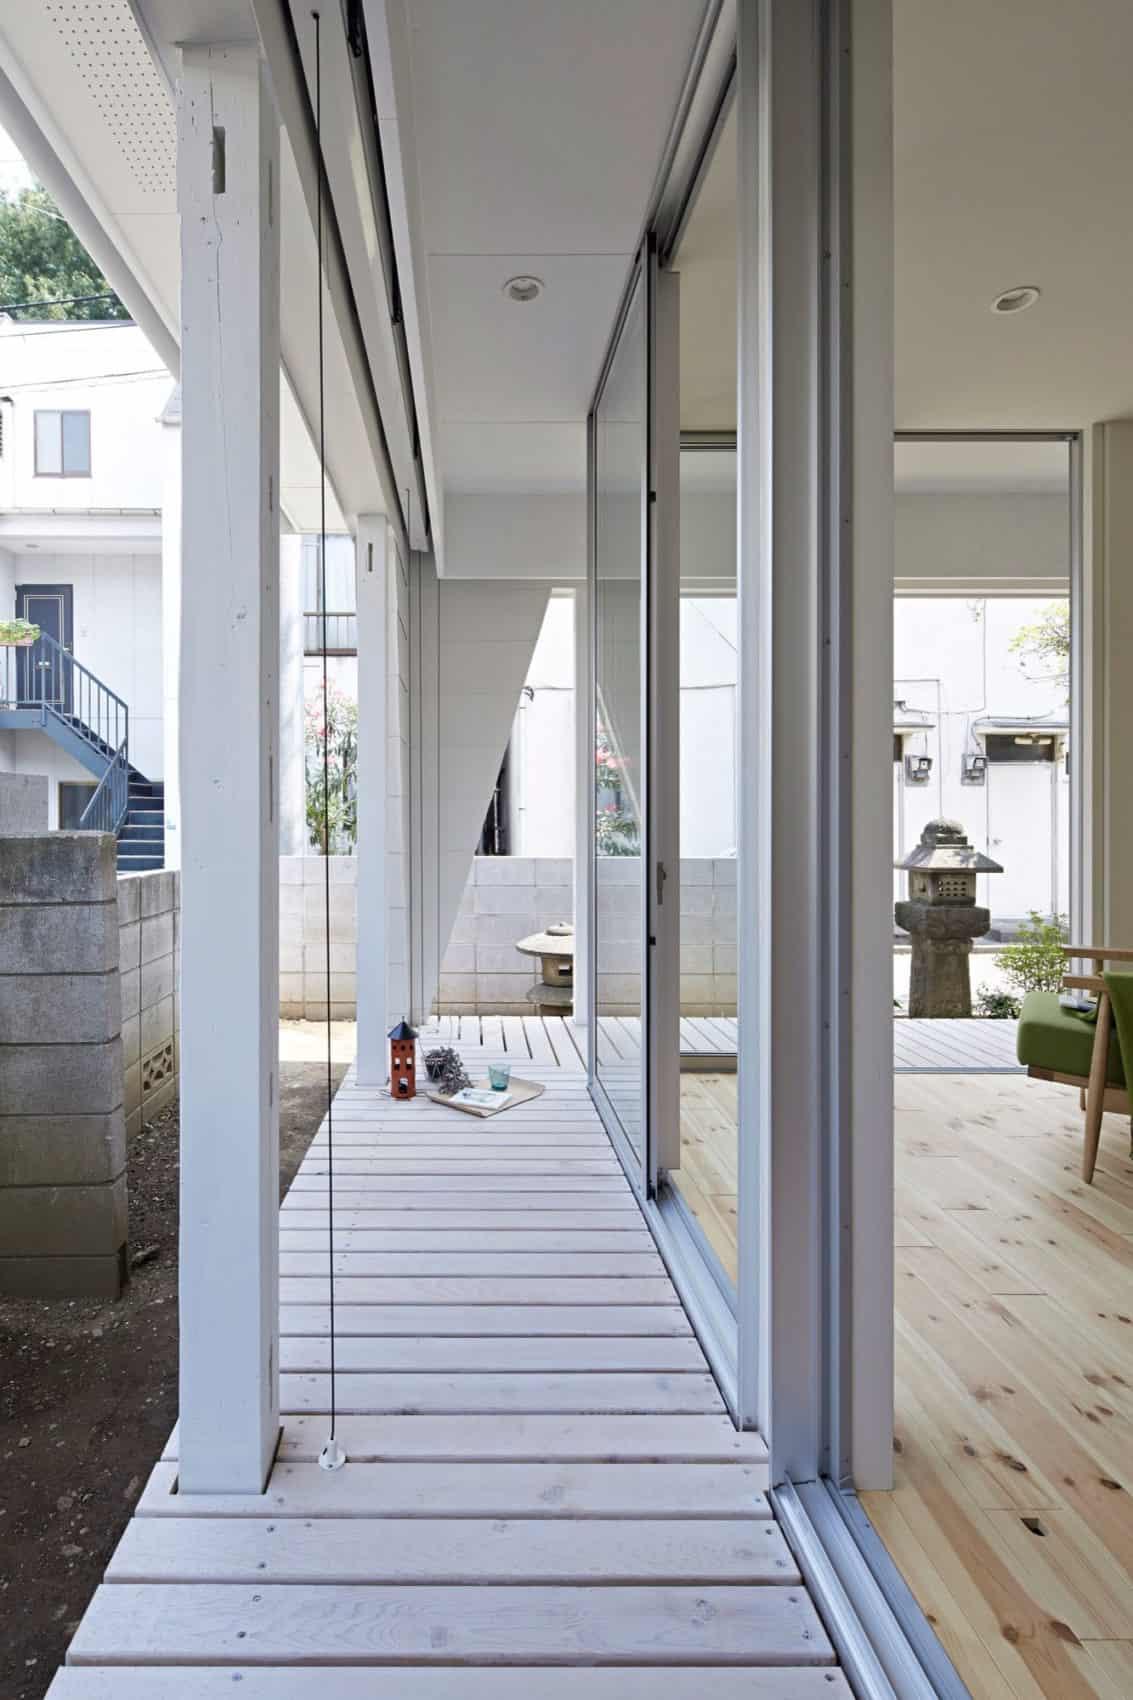 EN House by Meguro Architecture Laboratory (4)